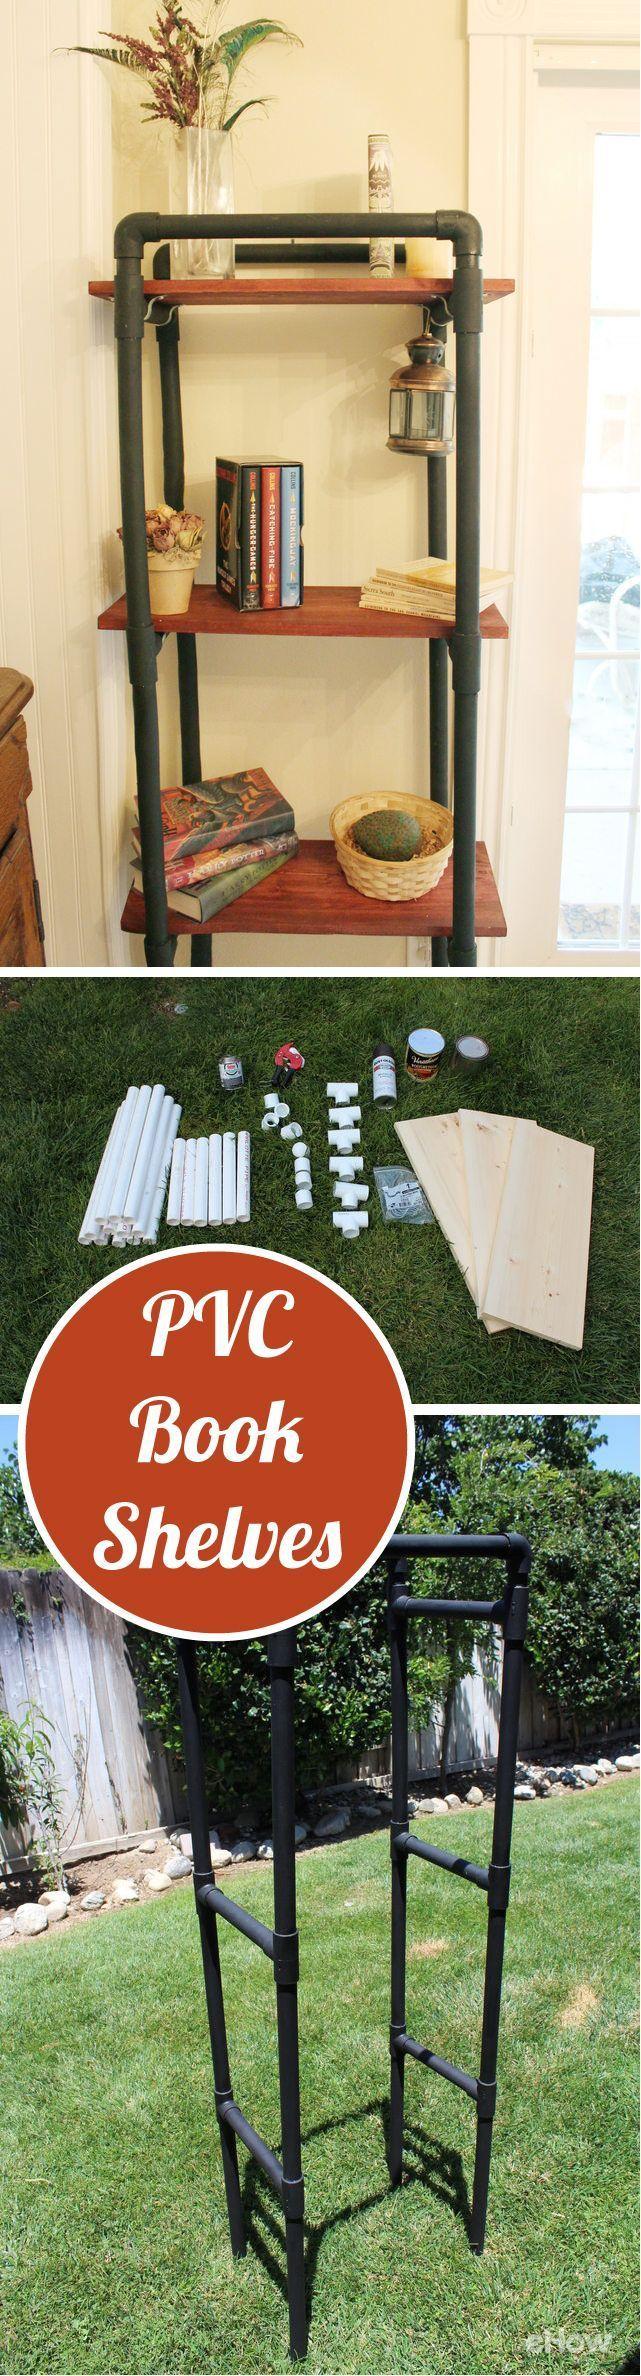 How to Make PVC Book Shelves 122